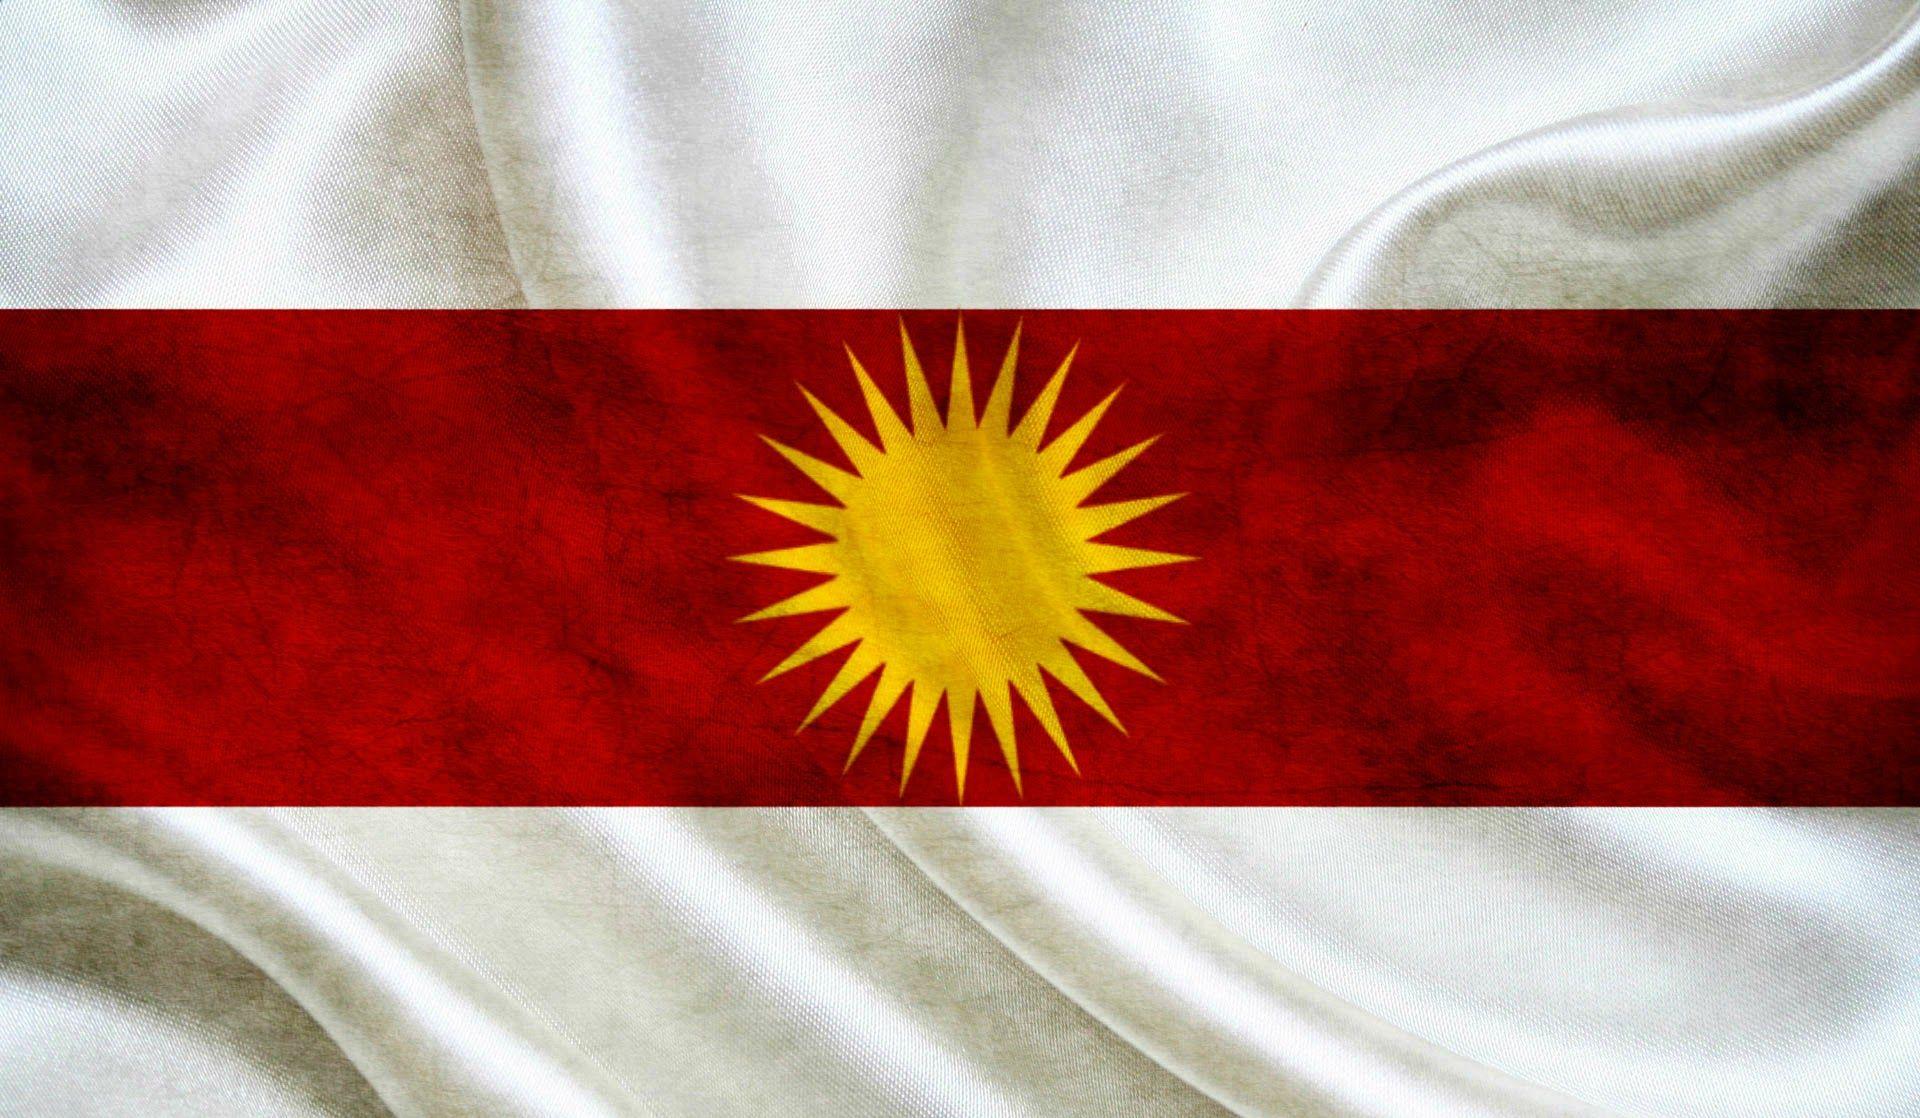 езидский флаг фото национальный костюм зачастую